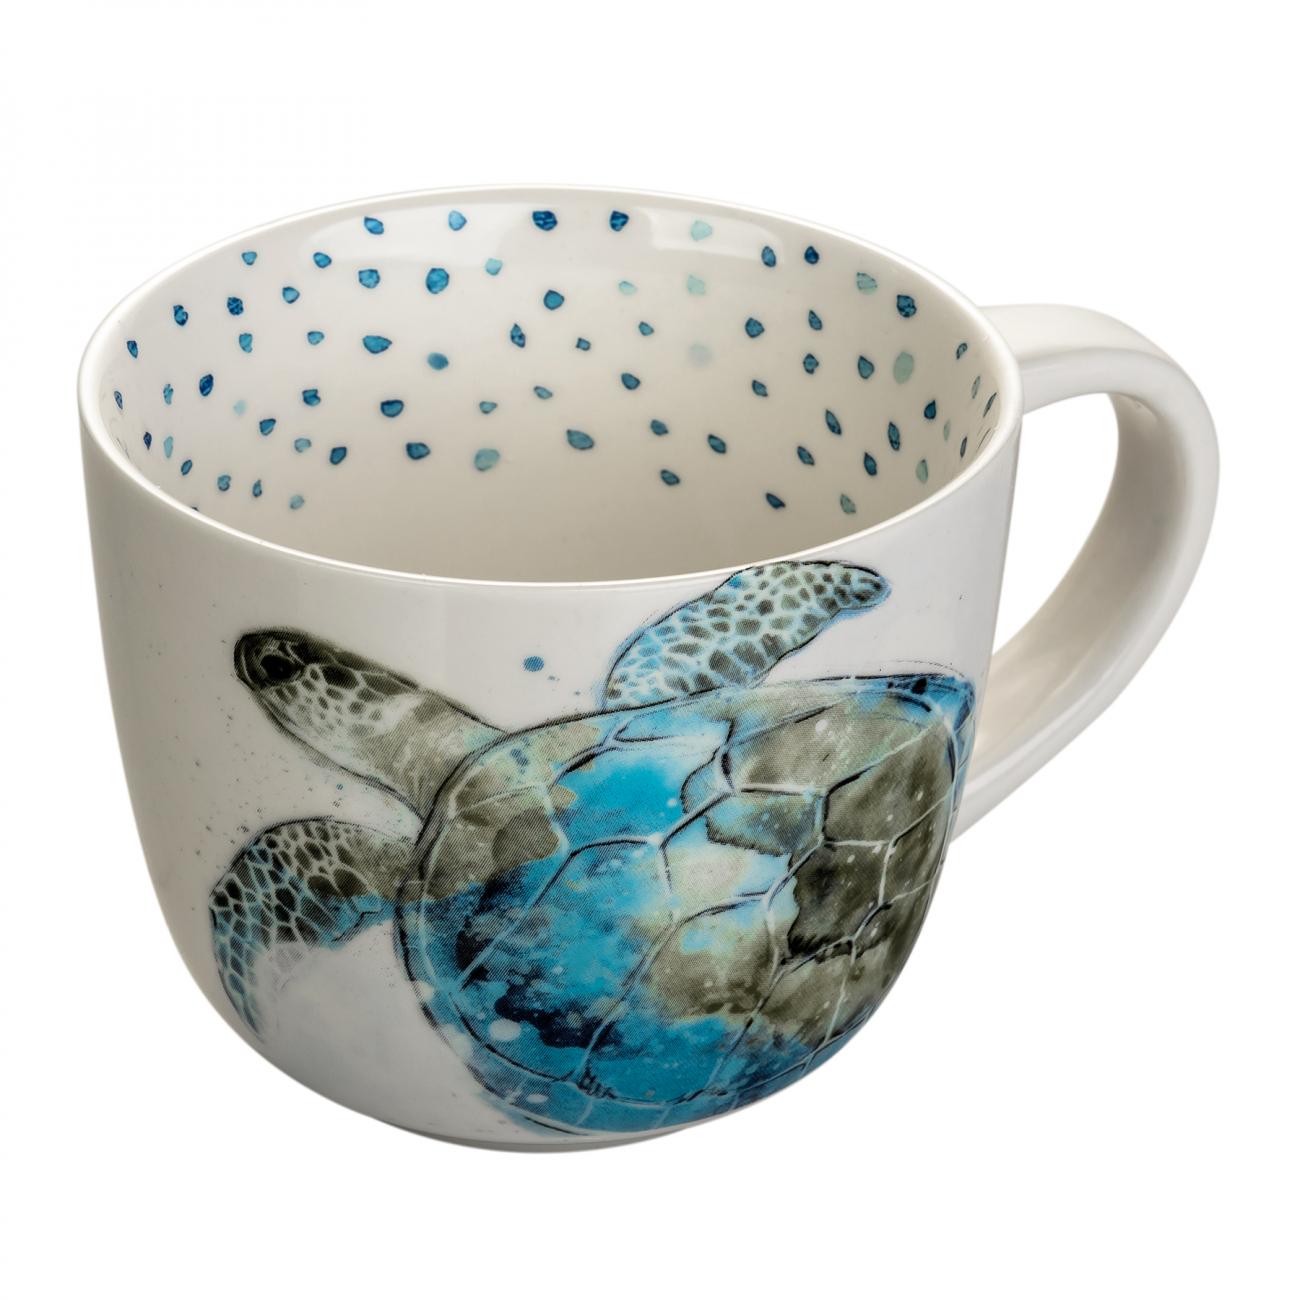 Купить Чашка в морском стиле Черепаха в интернет магазине дизайнерской мебели и аксессуаров для дома и дачи